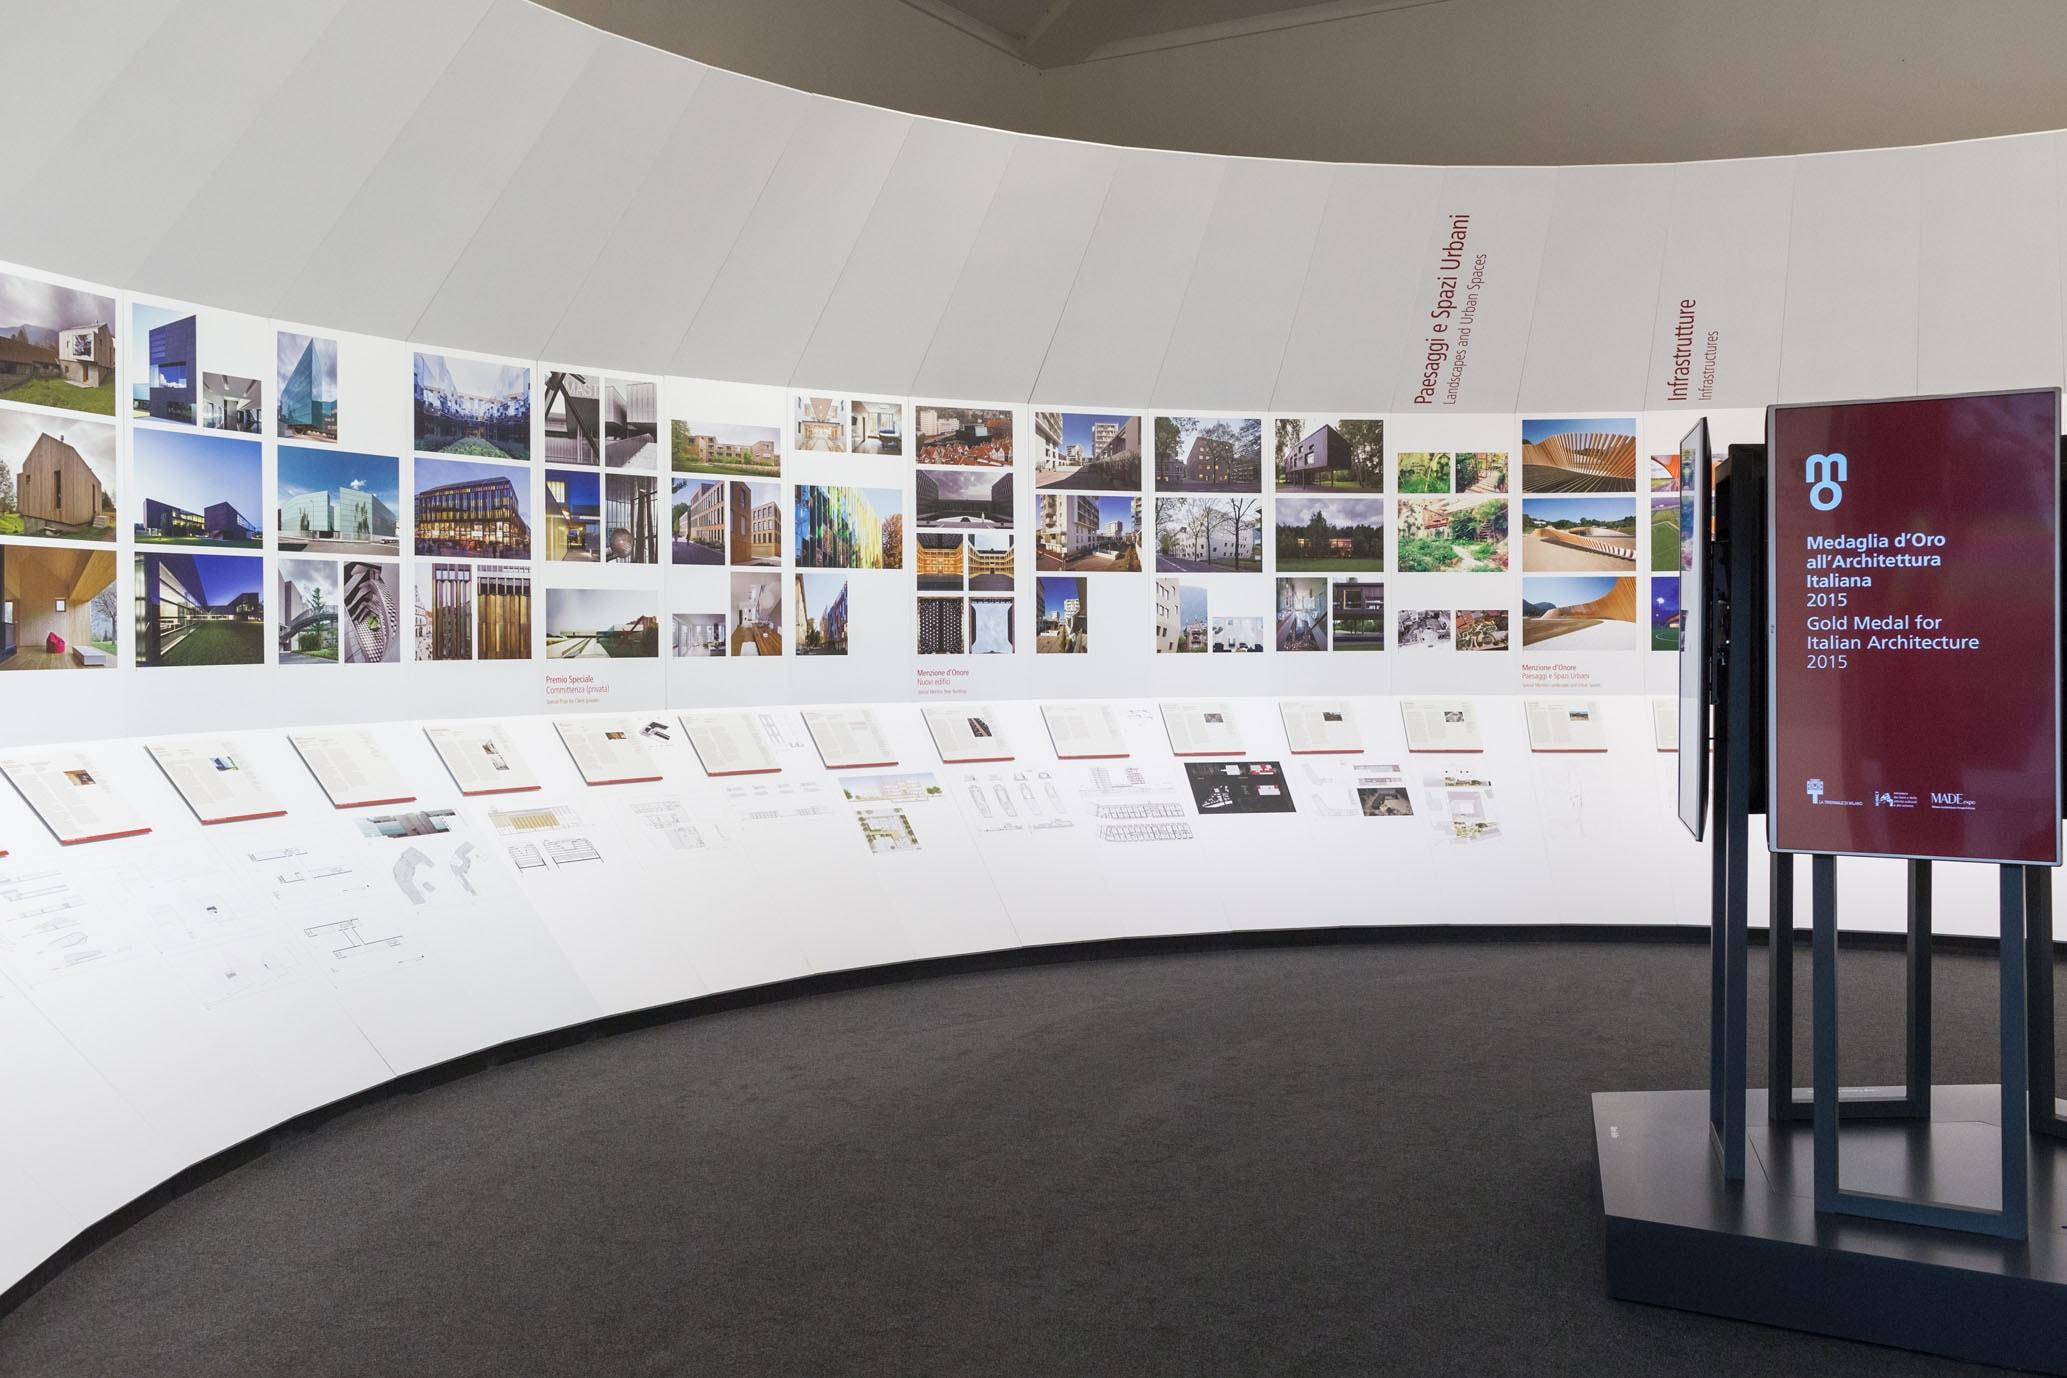 Medaglia d'Oro all'Architettura 2015 a Massimo Carmassi